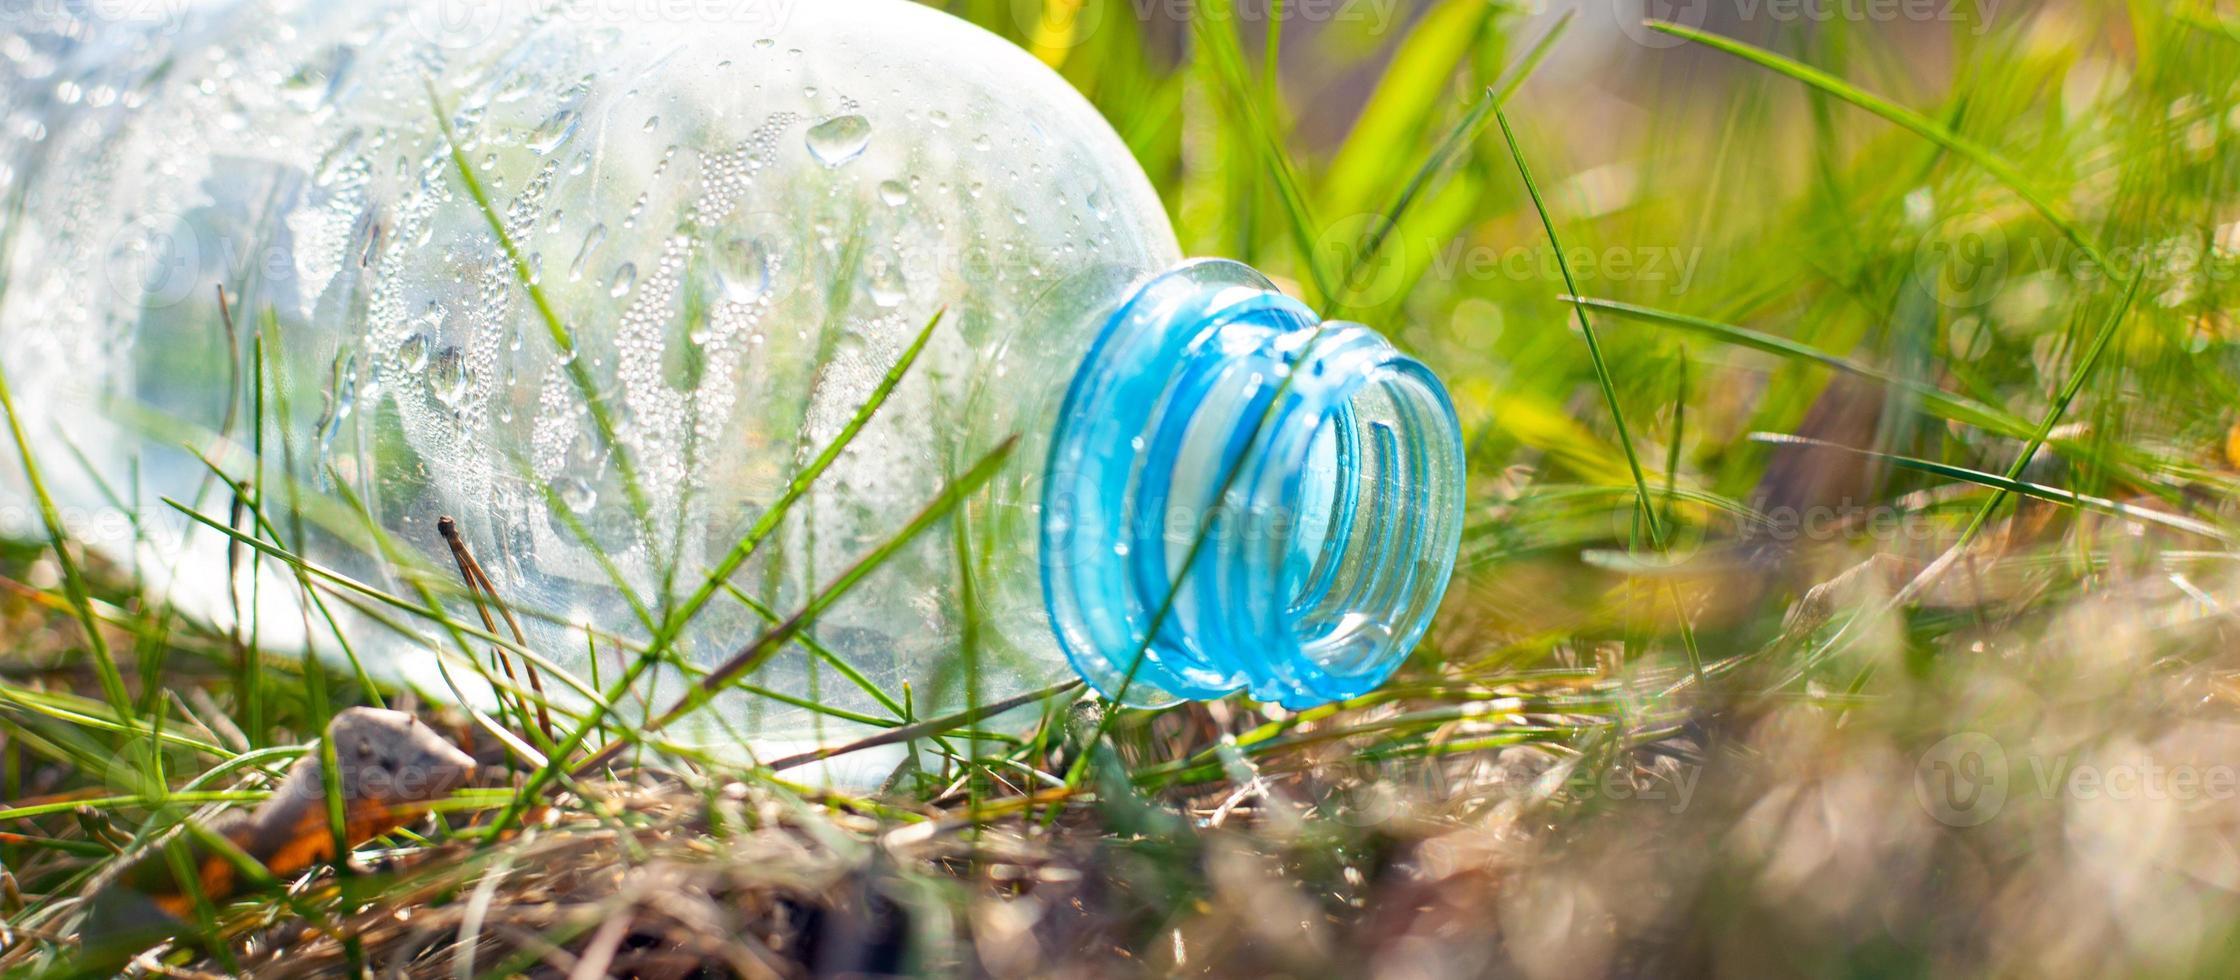 bouteille en plastique vide sur le sol photo